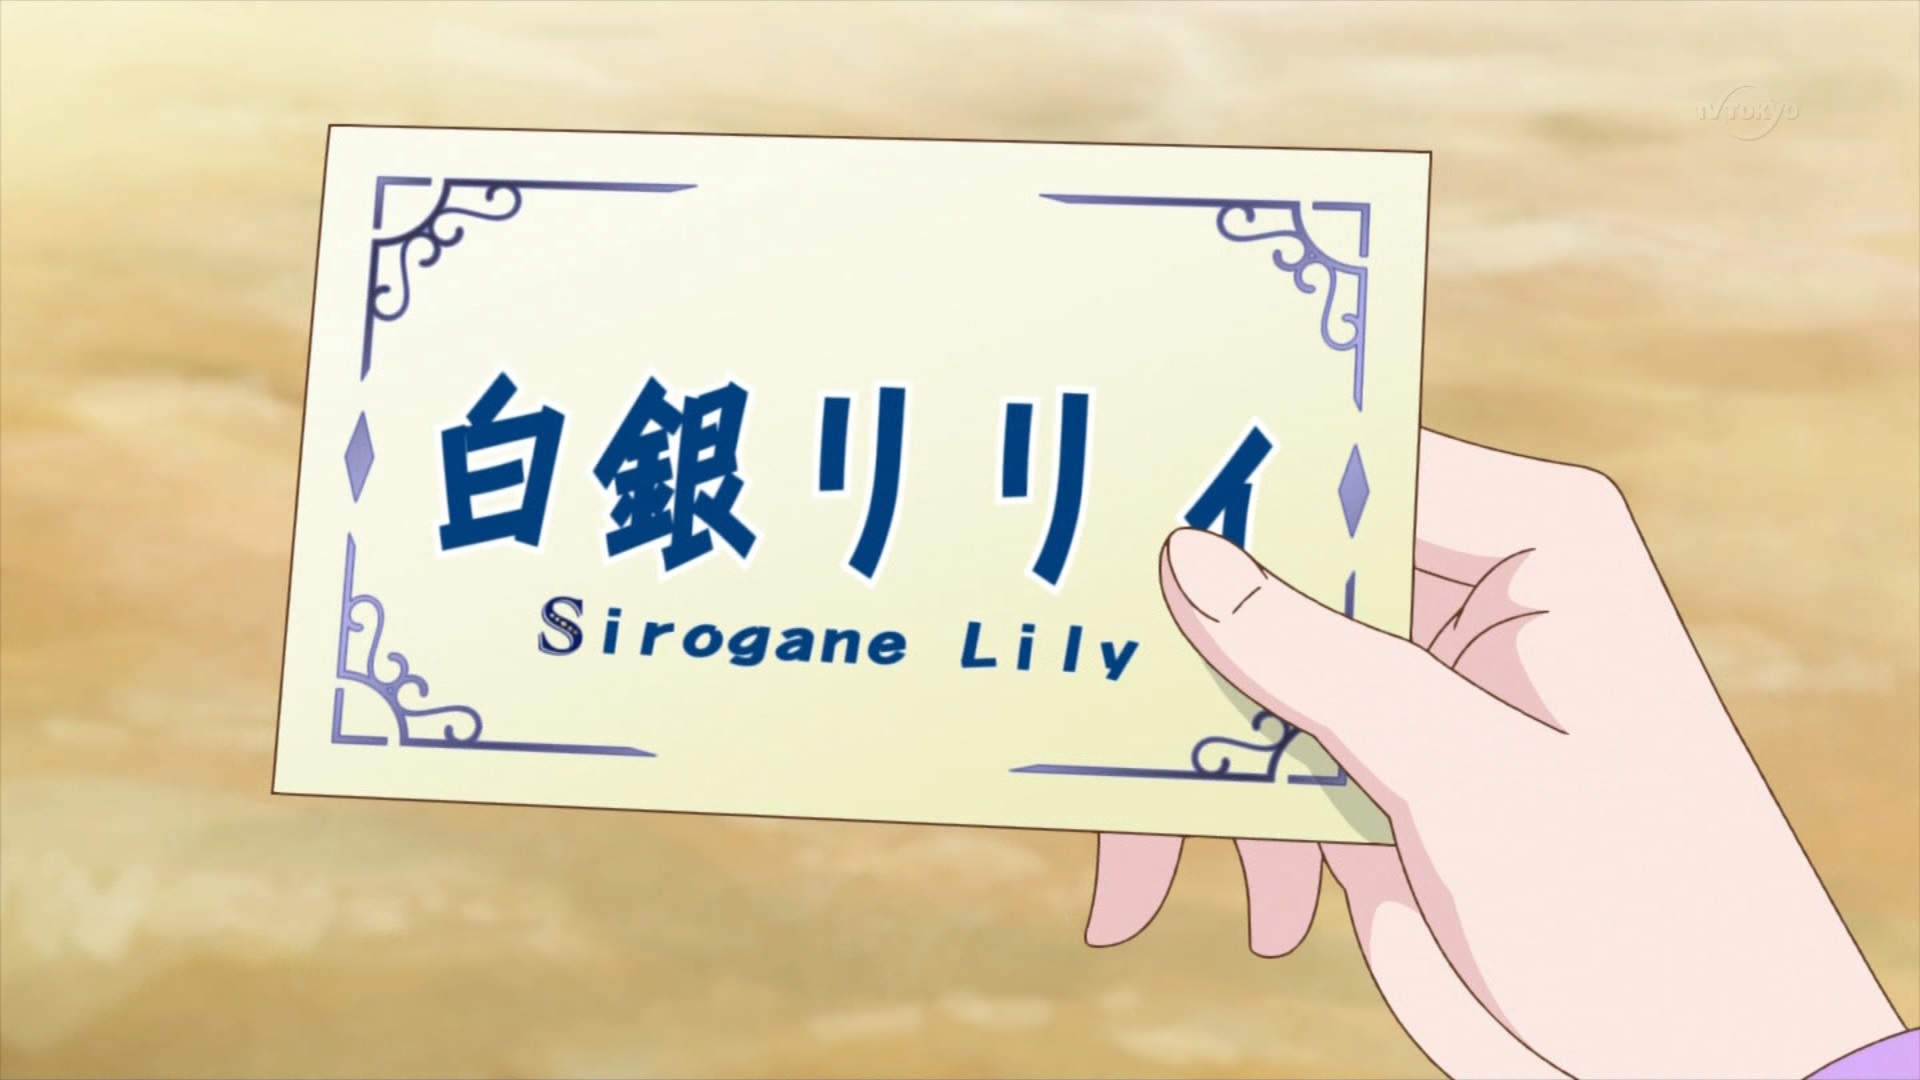 白銀リリィのカード